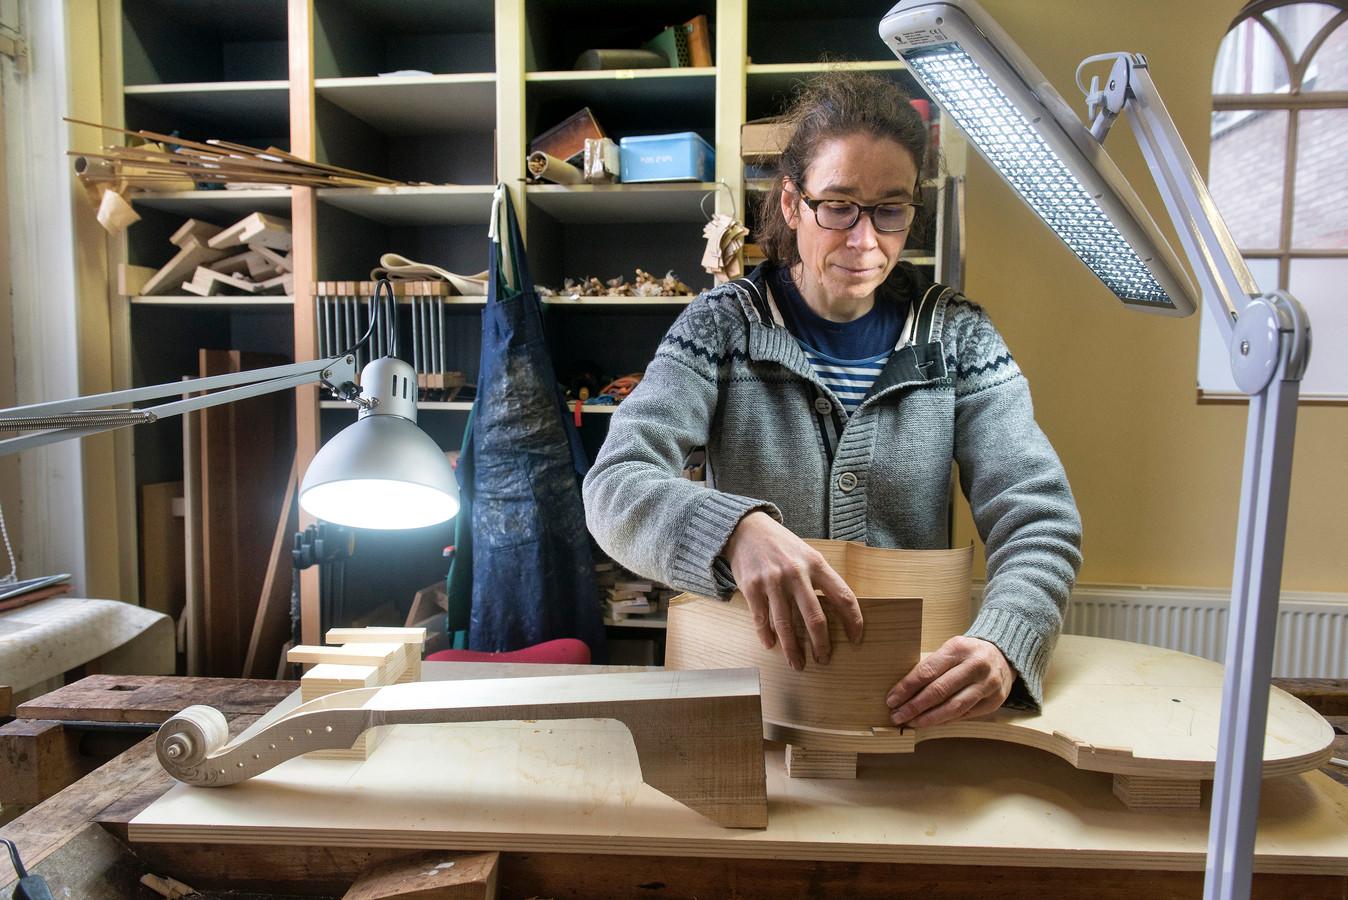 Arnhemse geesje maakt de mooiste beenviolen van de wereld foto - Tafelfabriek thuis van de wereld ...